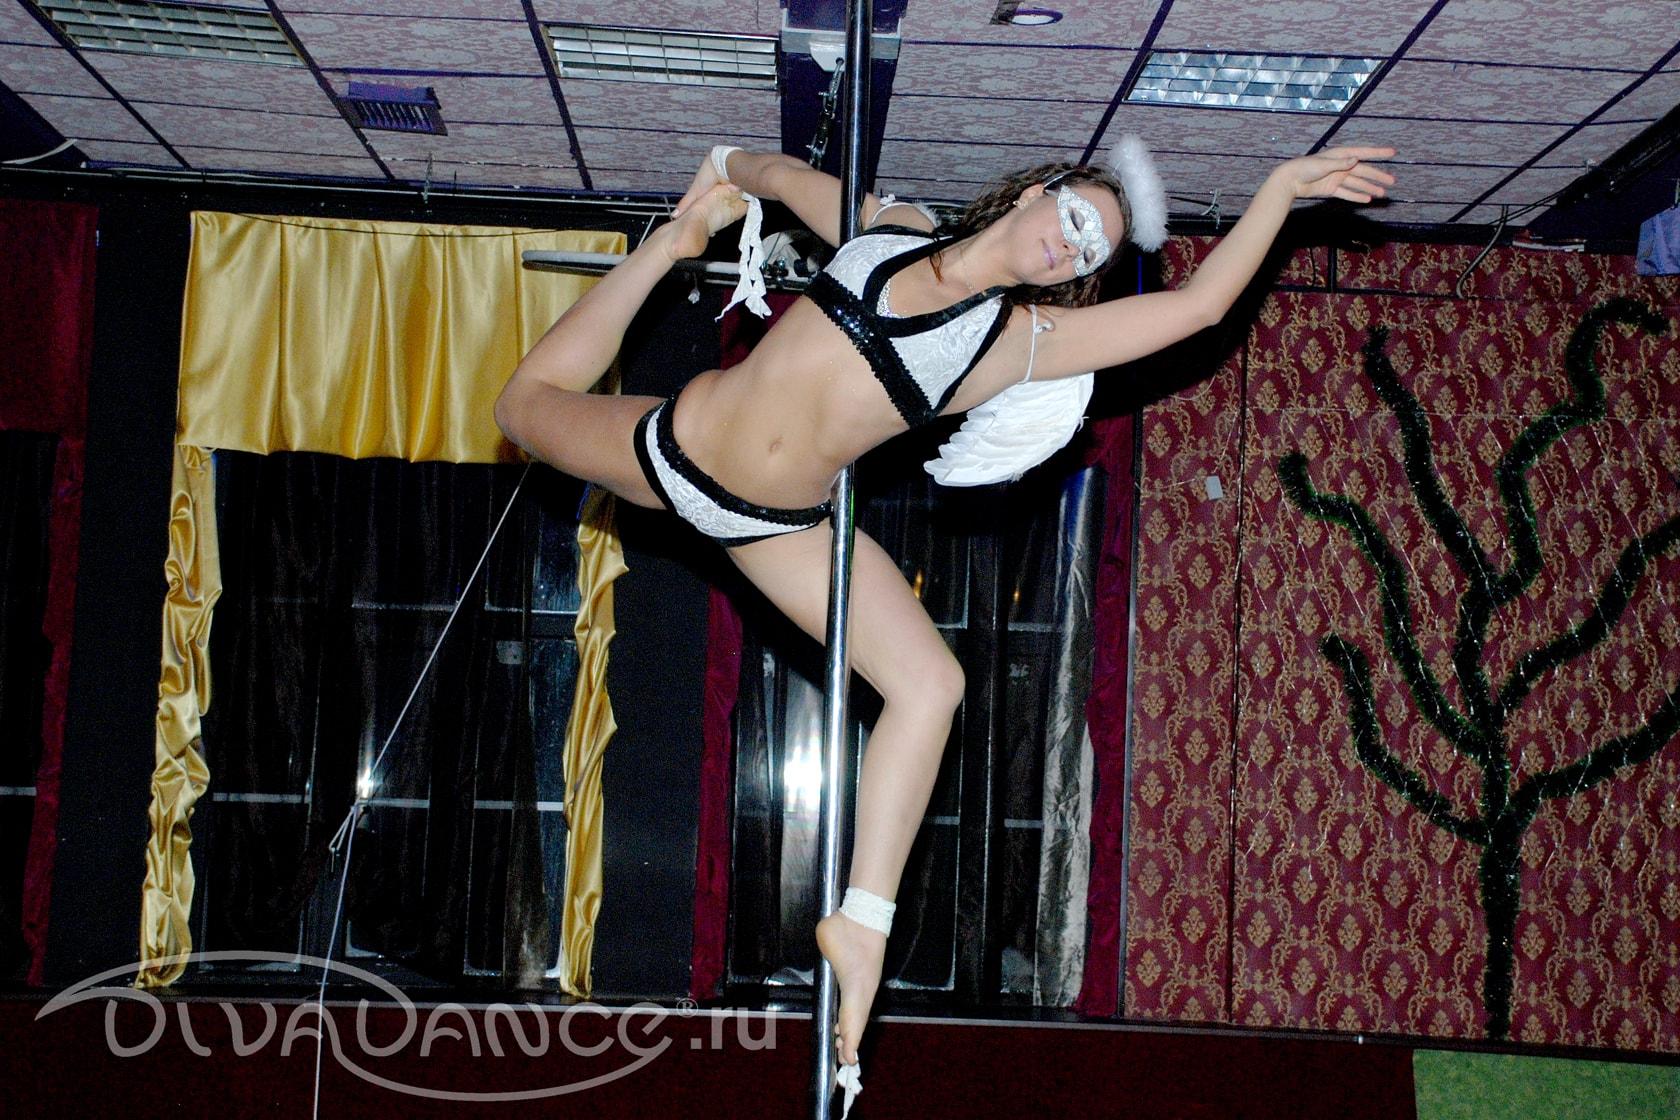 Танец на пилоне без трусиков, японская девушка голая фото